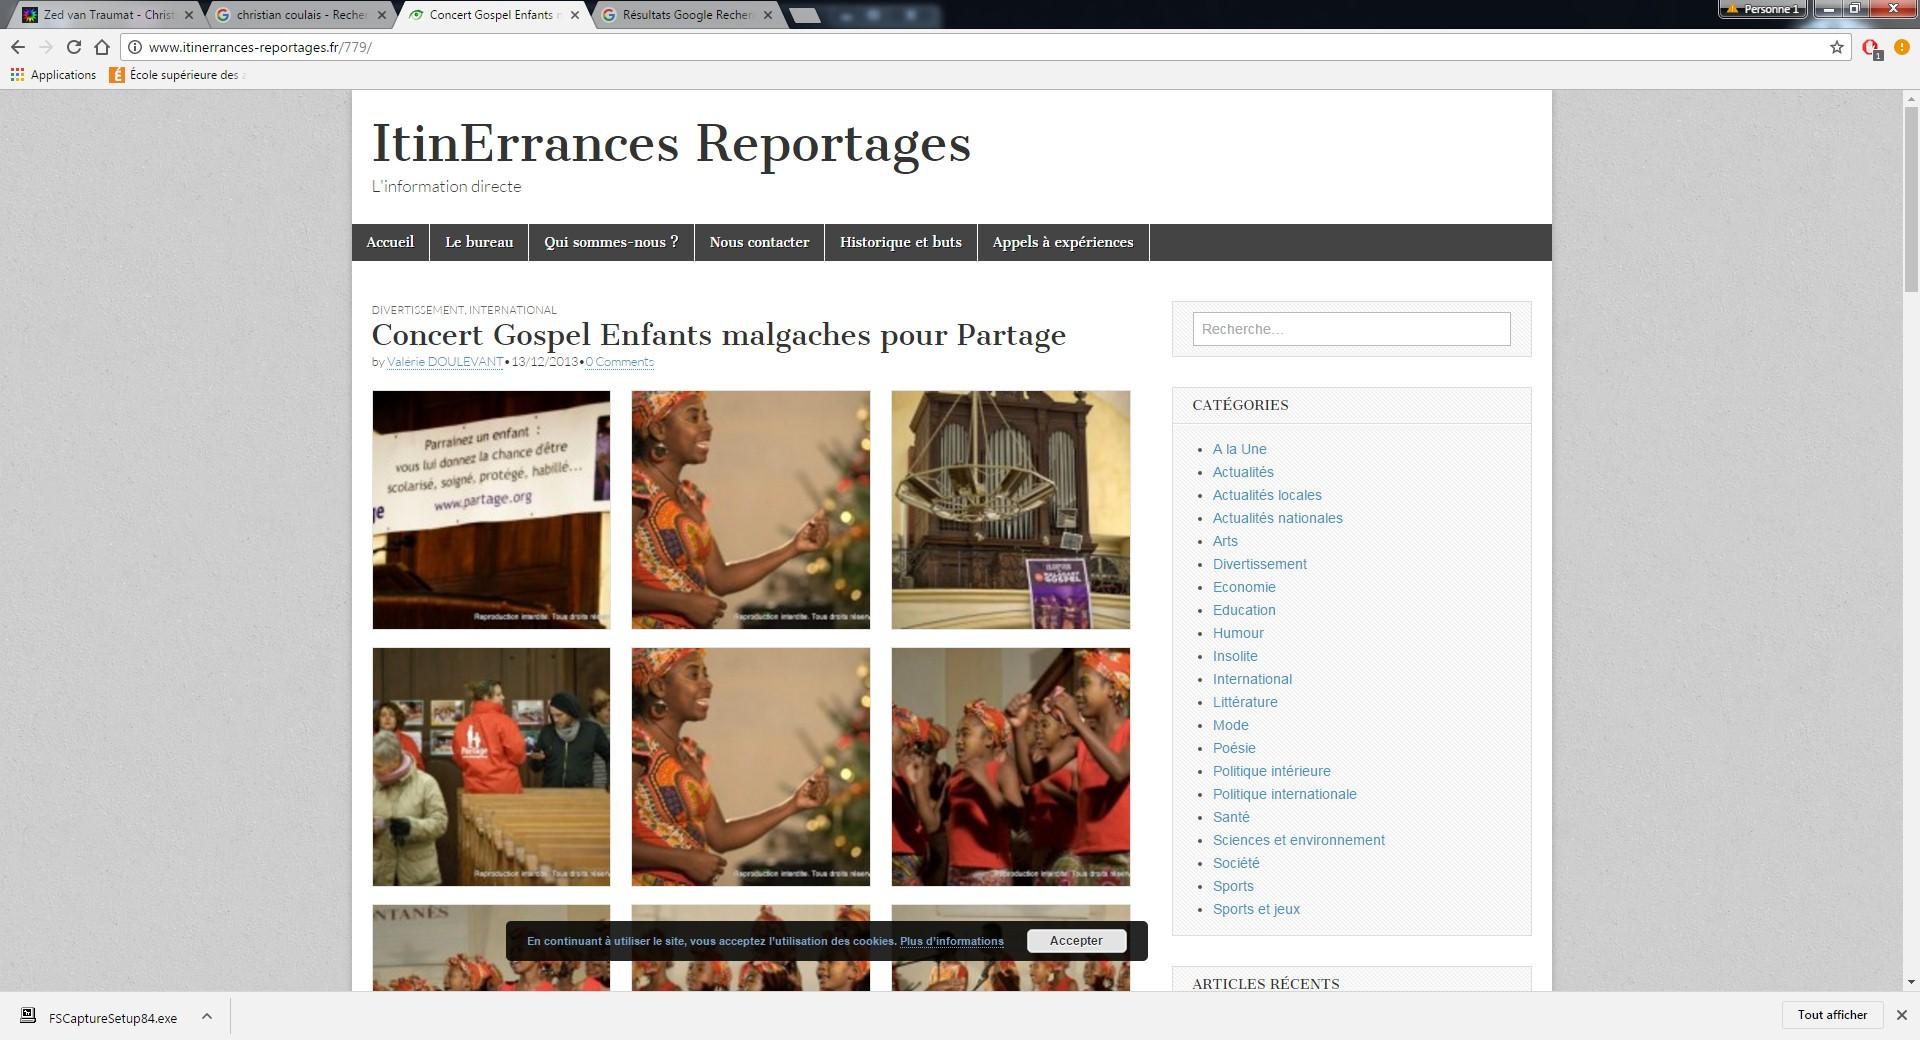 ItinErrances Reportages, 13 décembre 2013